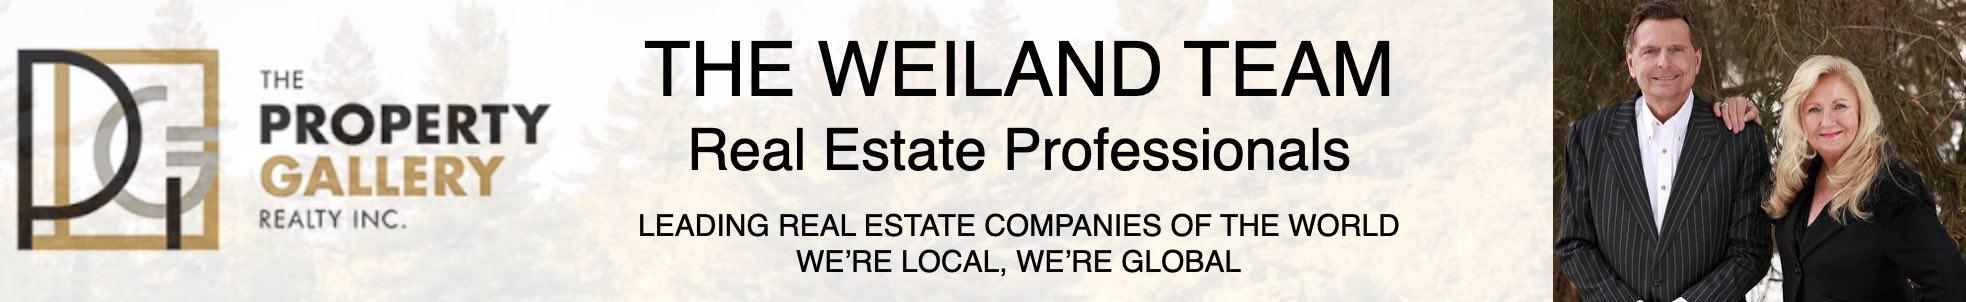 Weiland Team - 01